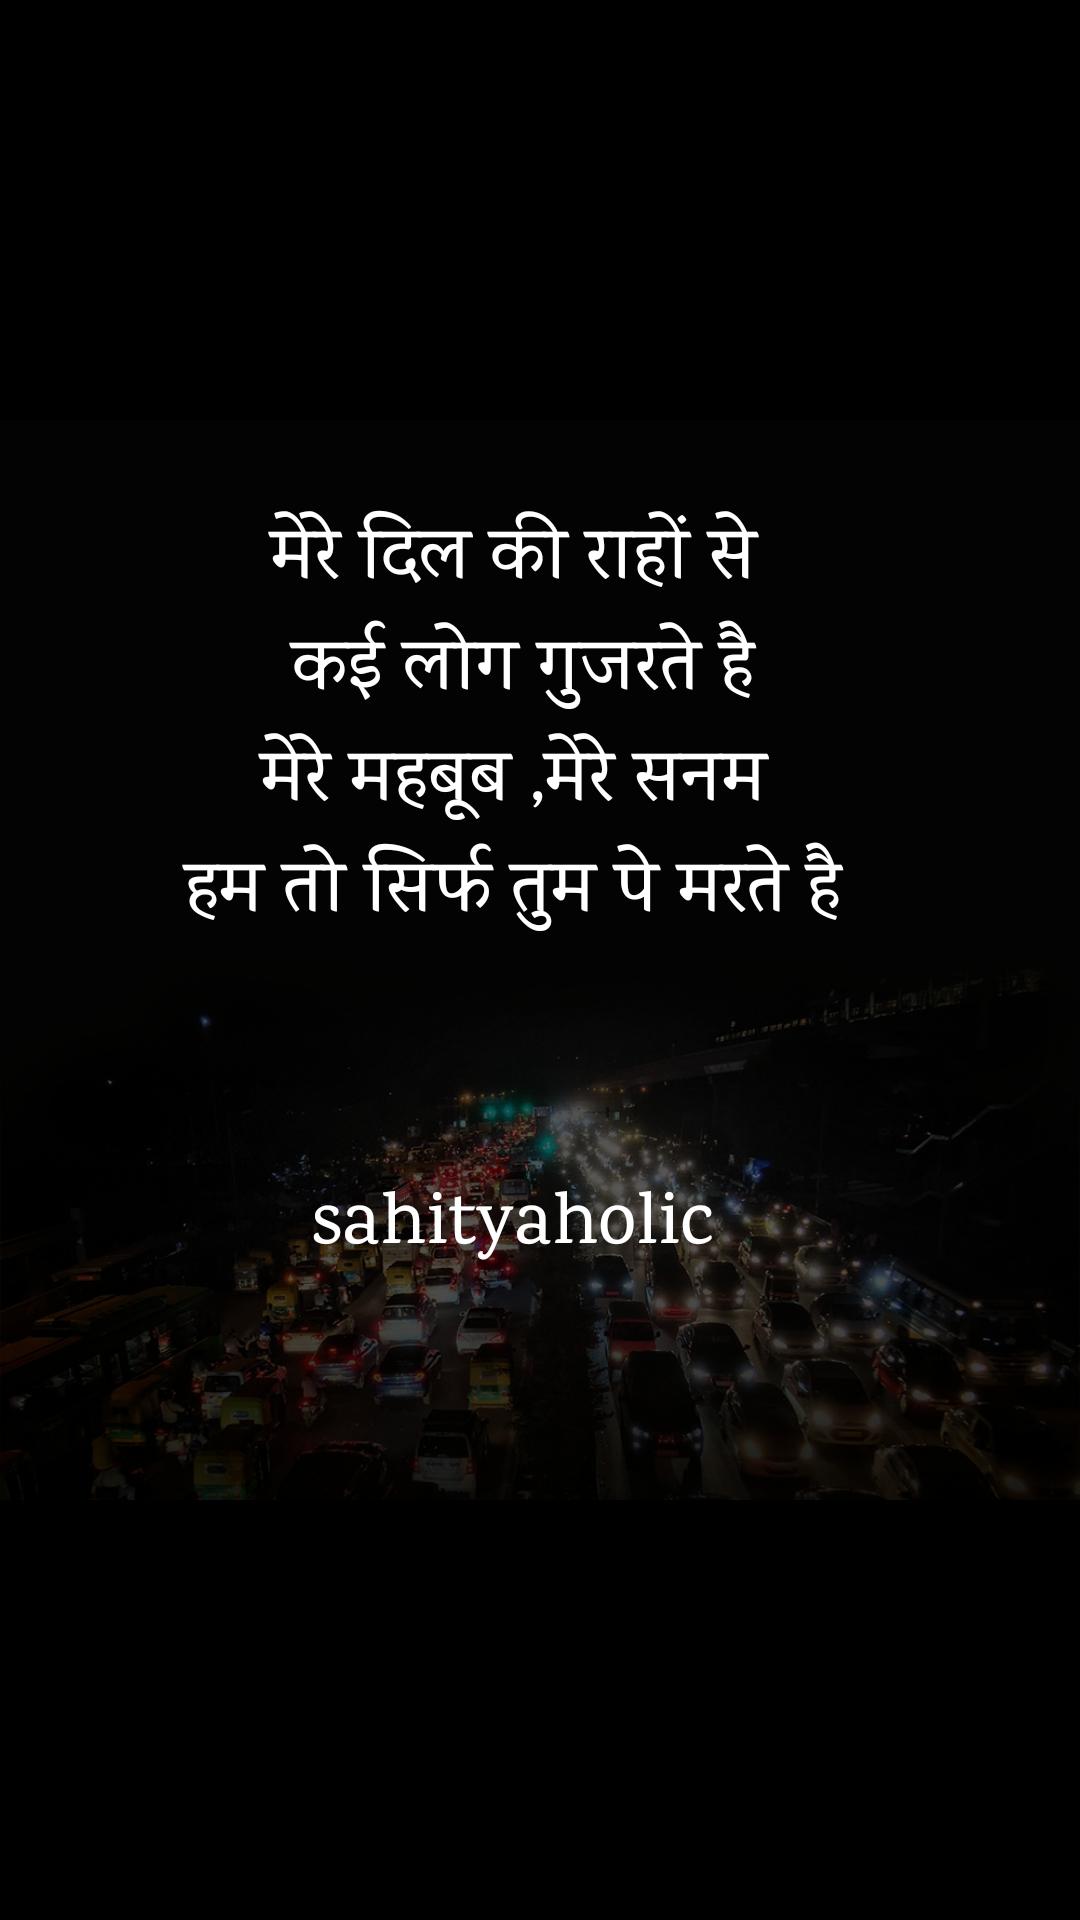 मेरे दिल की राहों से  कई लोग गुजरते है मेरे महबूब ,मेरे सनम हम तो सिर्फ तुम पे मरते है   sahityaholic